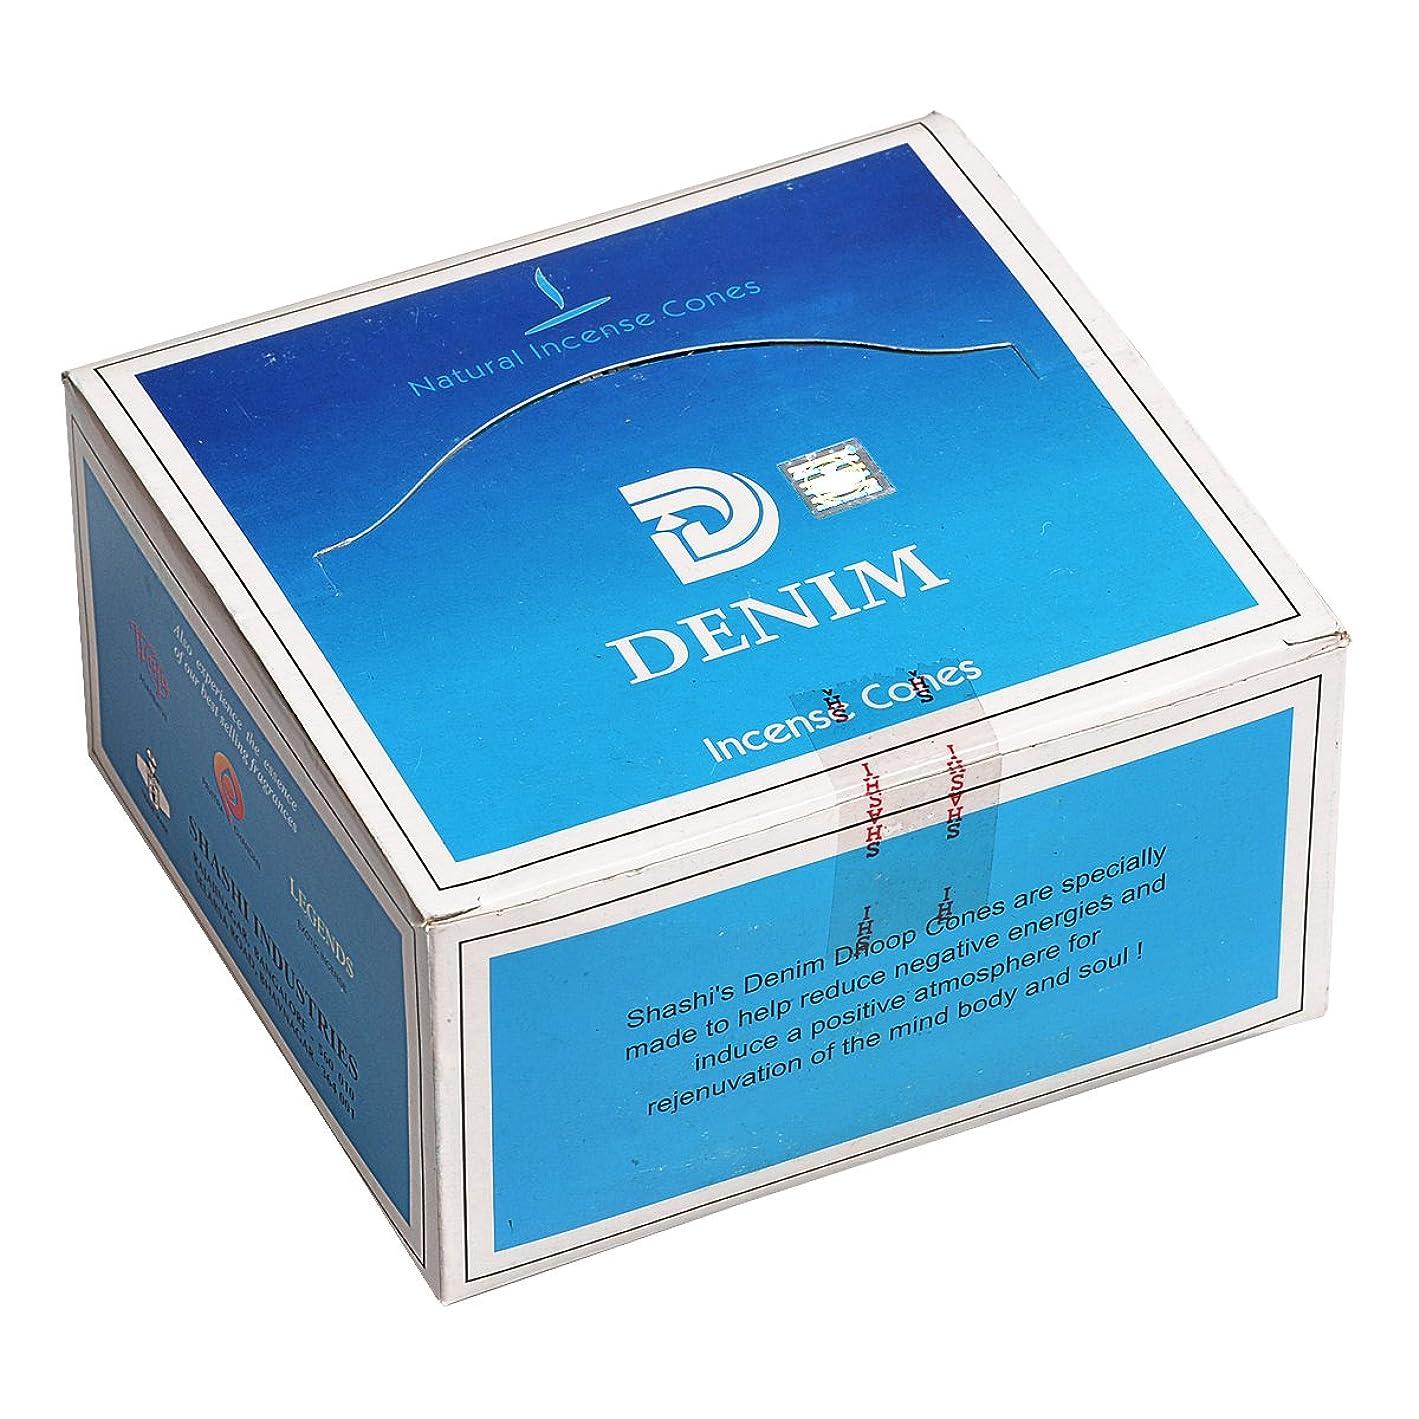 複数音声近似SHASHI(シャシ) デニム DENIM コーンタイプ コーンタイプ お香 12箱 セット [並行輸入品]